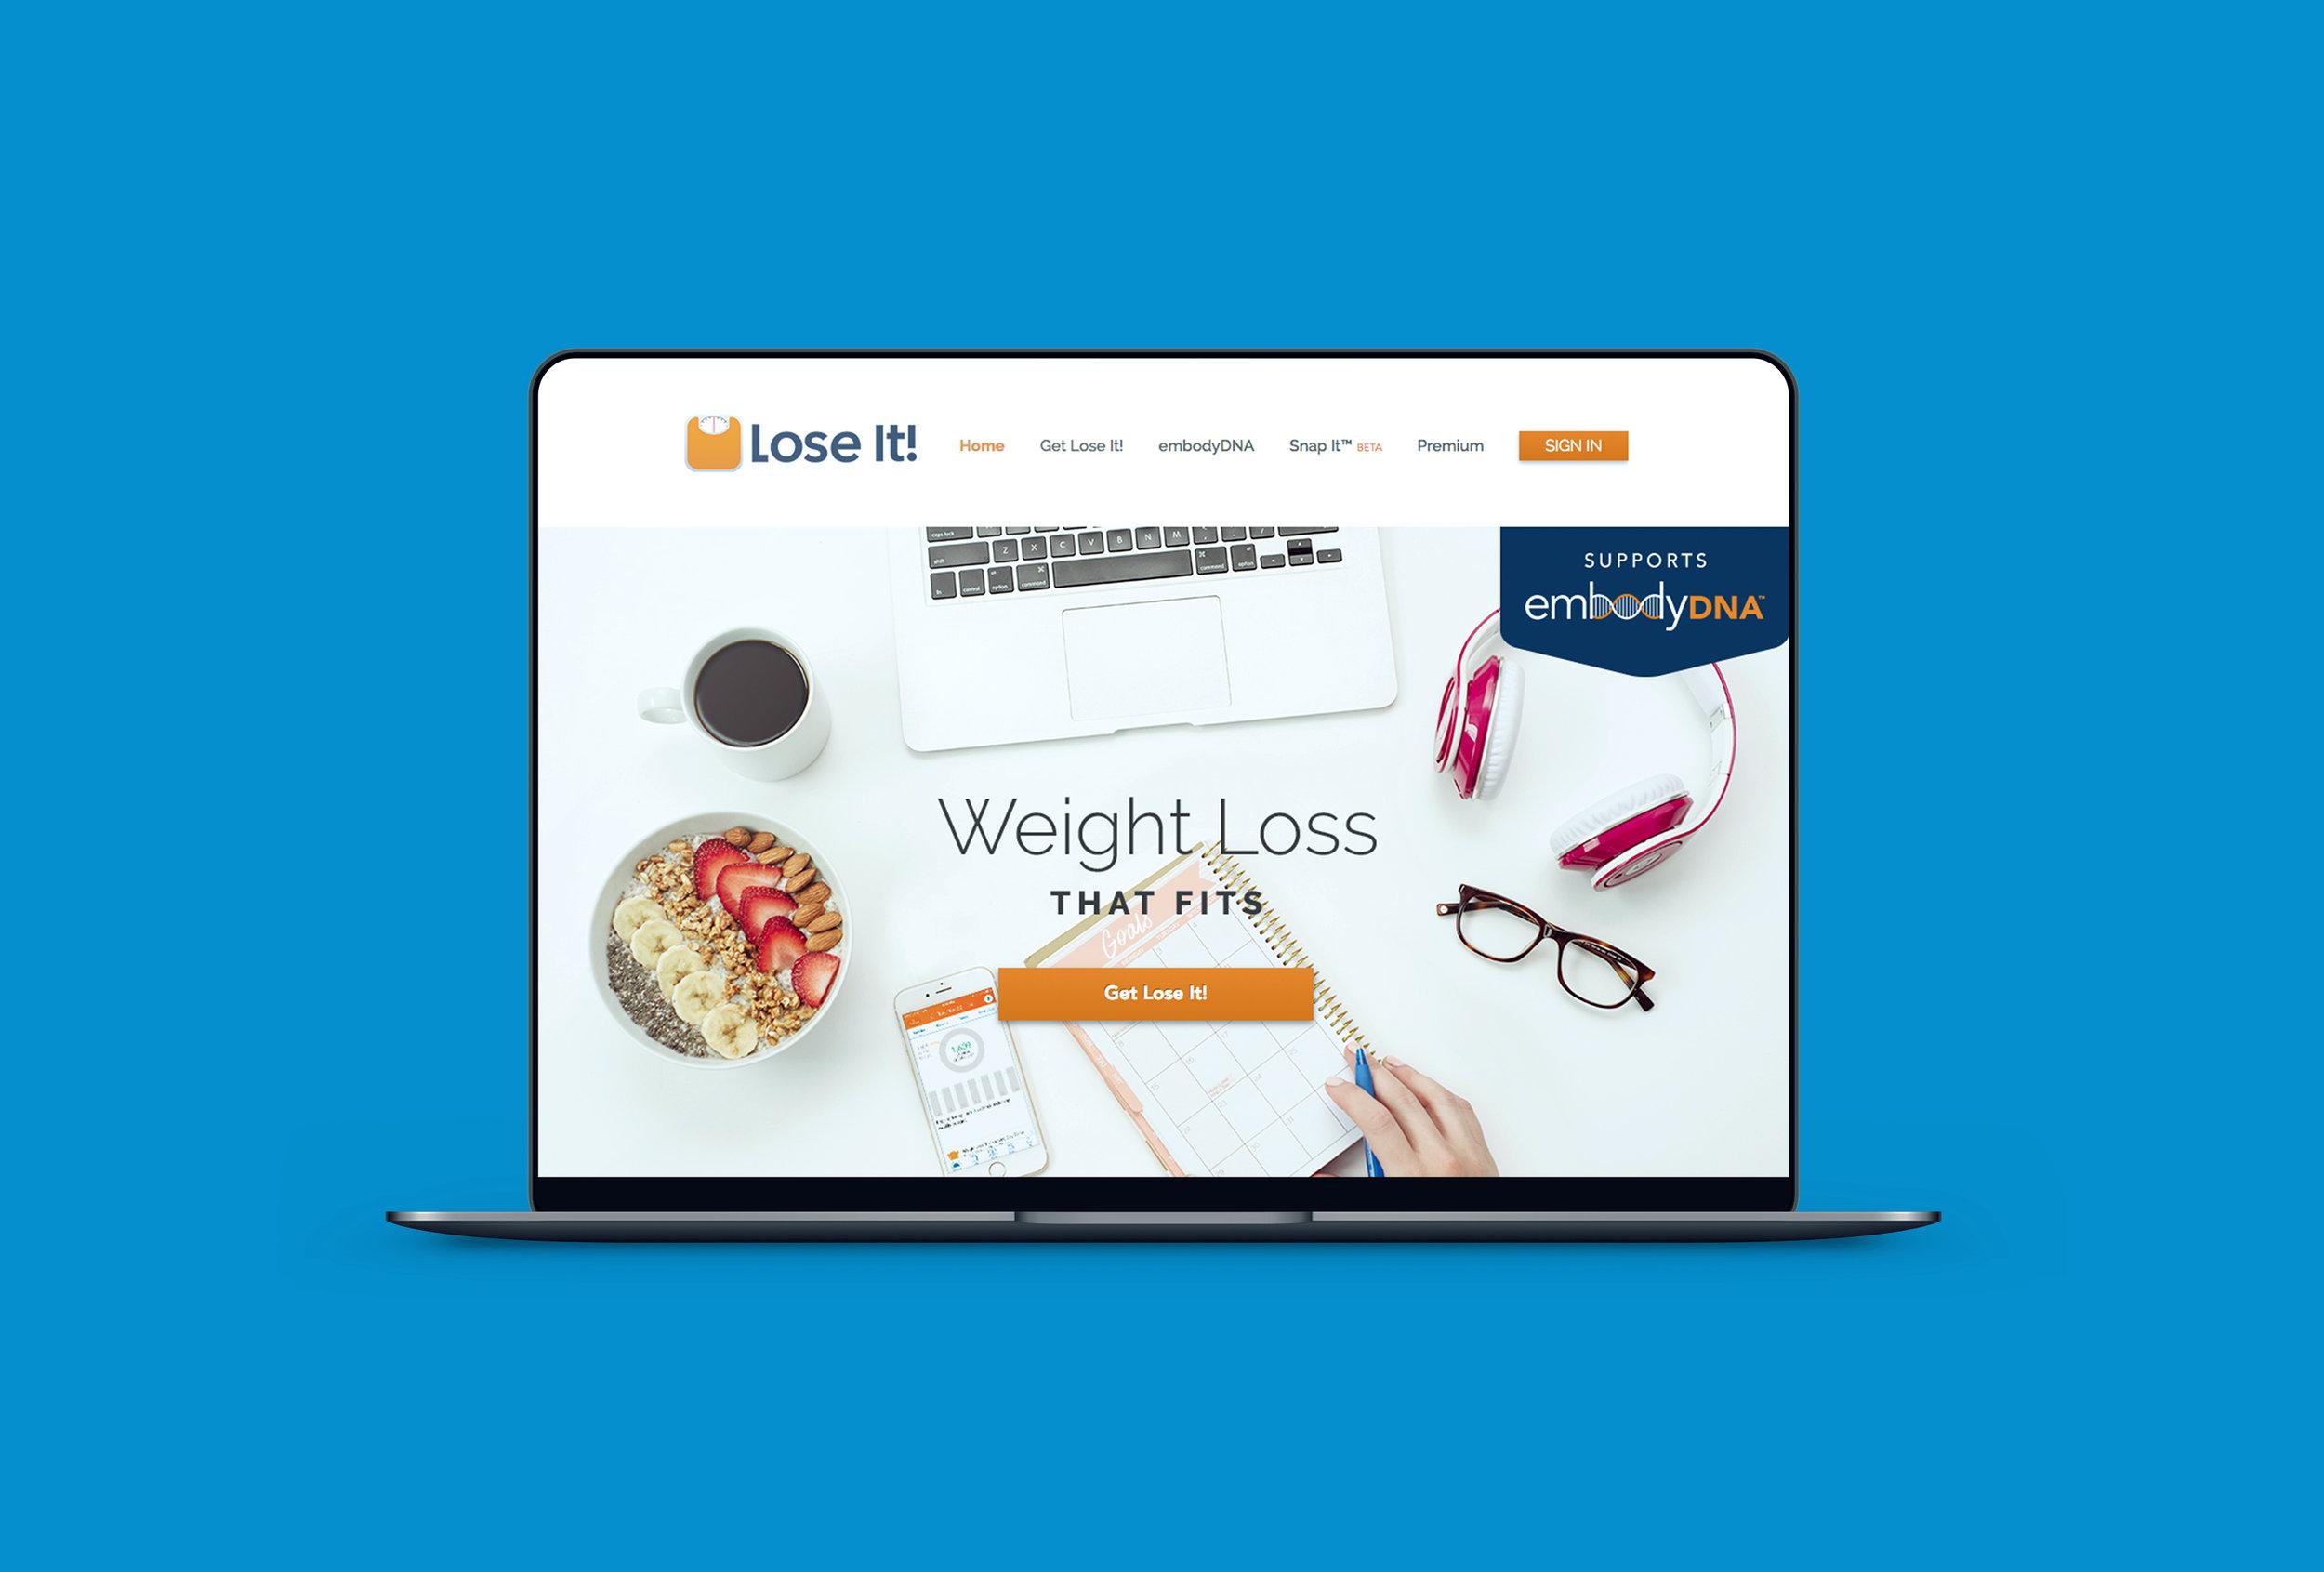 LoseIt_Website_Desktop.jpg